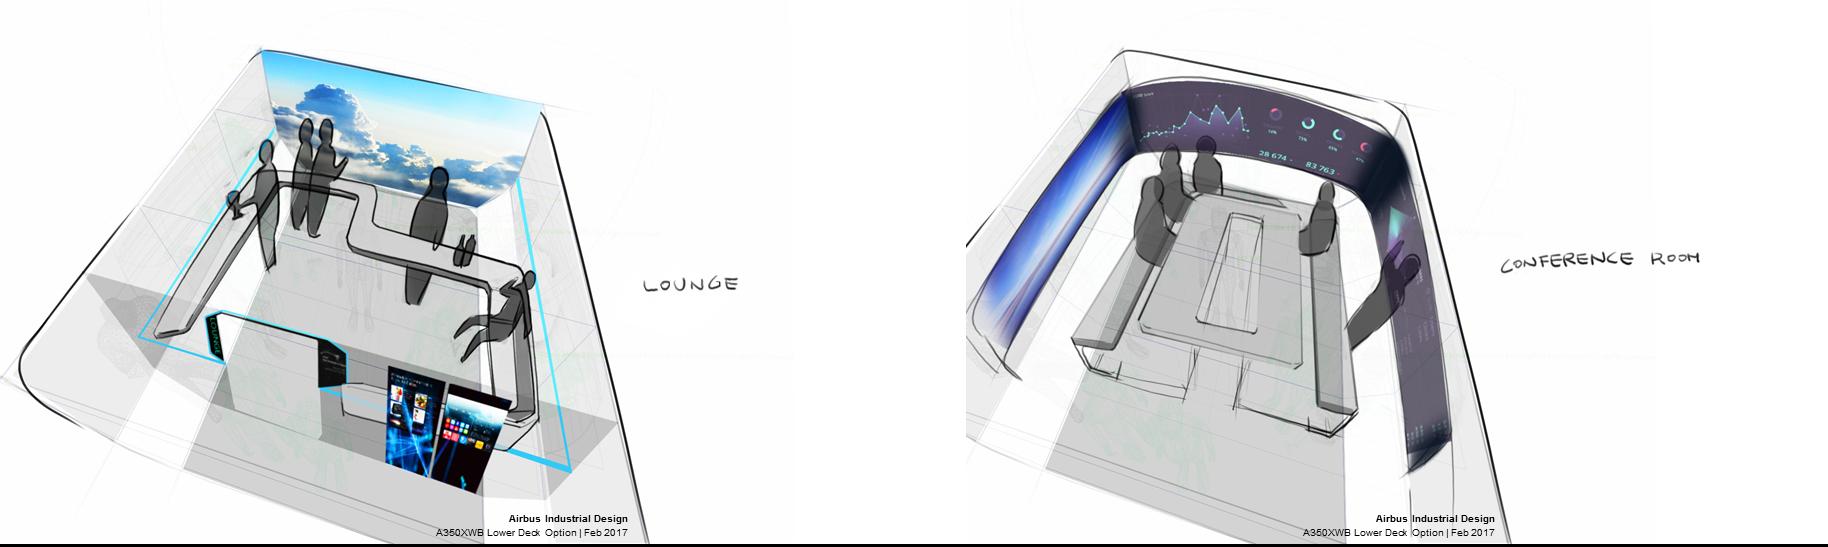 Airbus-Zodiac-Module-2